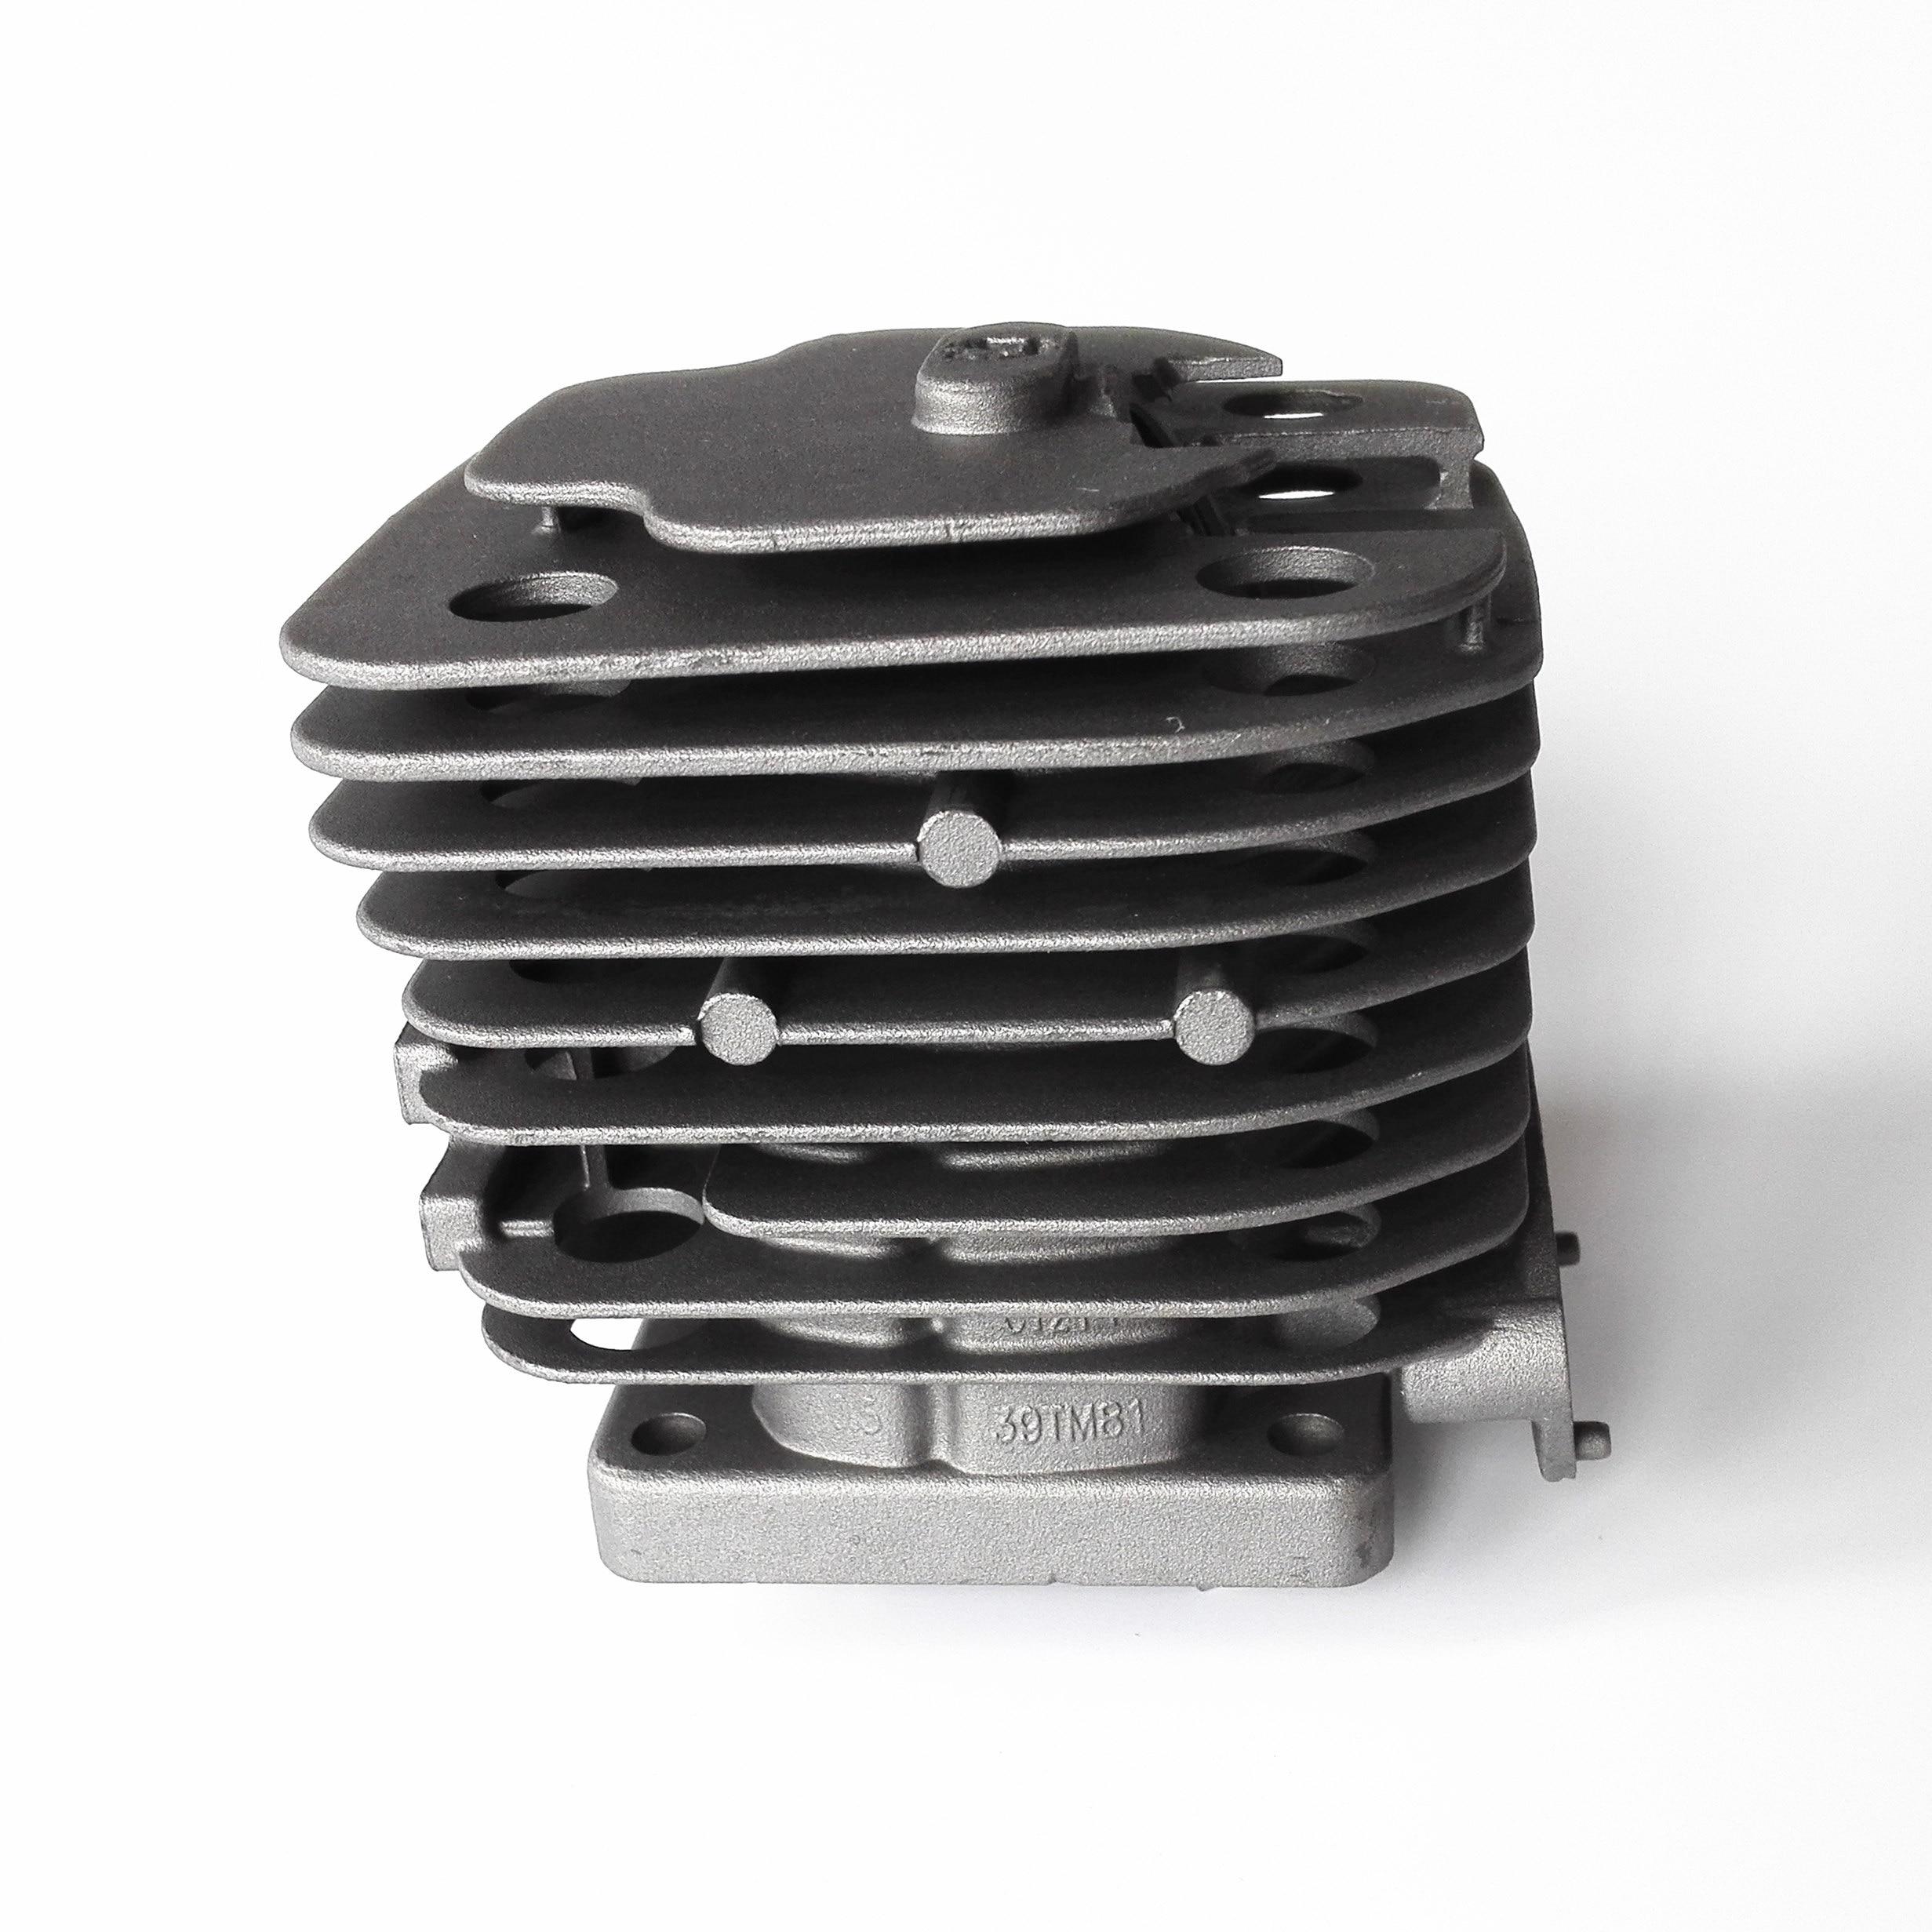 3800 38cc essence cylindre tronçonneuse et piston set dia: - Outils de jardinage - Photo 3